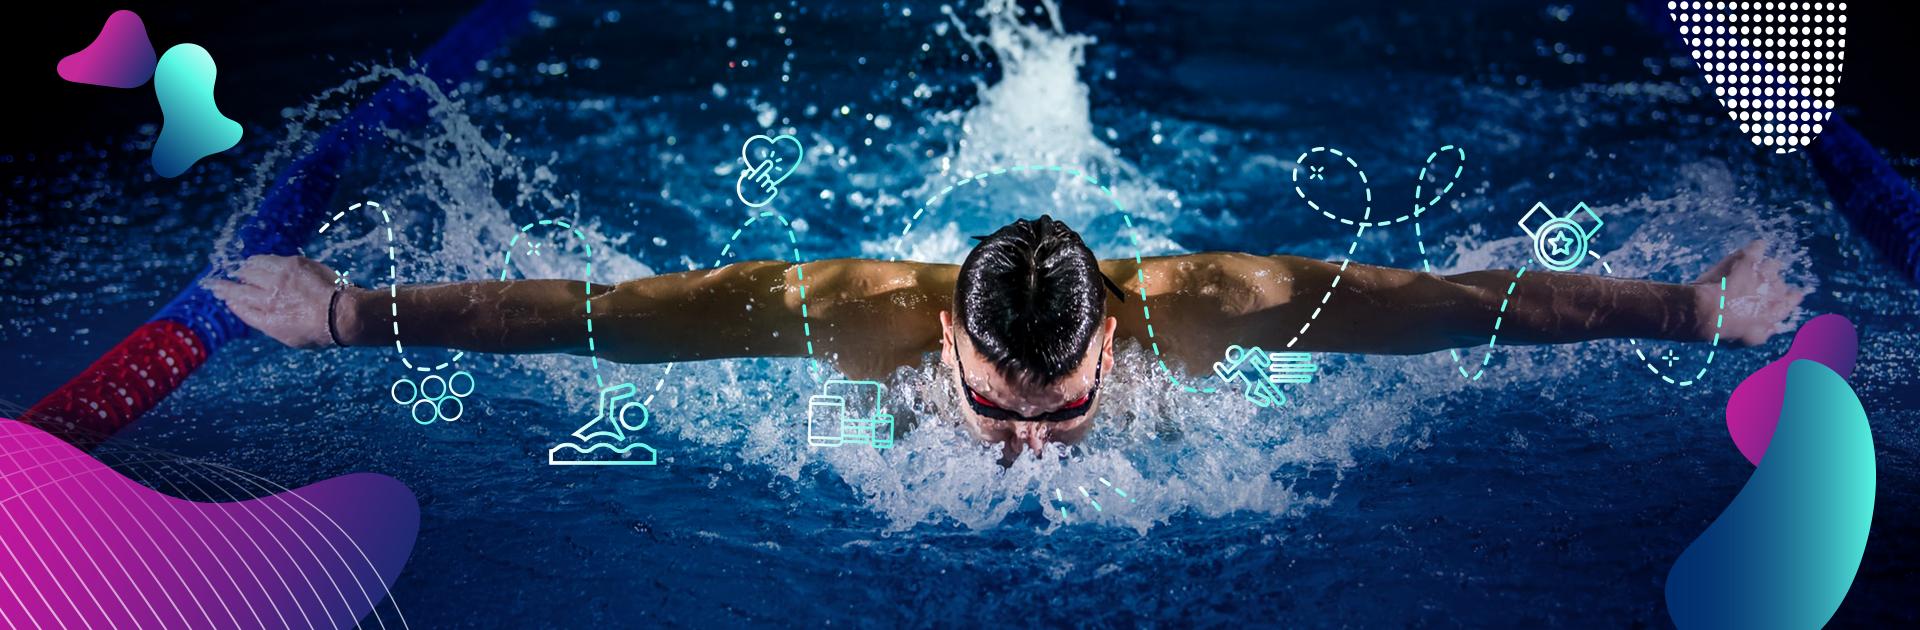 Saranno i social la salvezza dello sport?